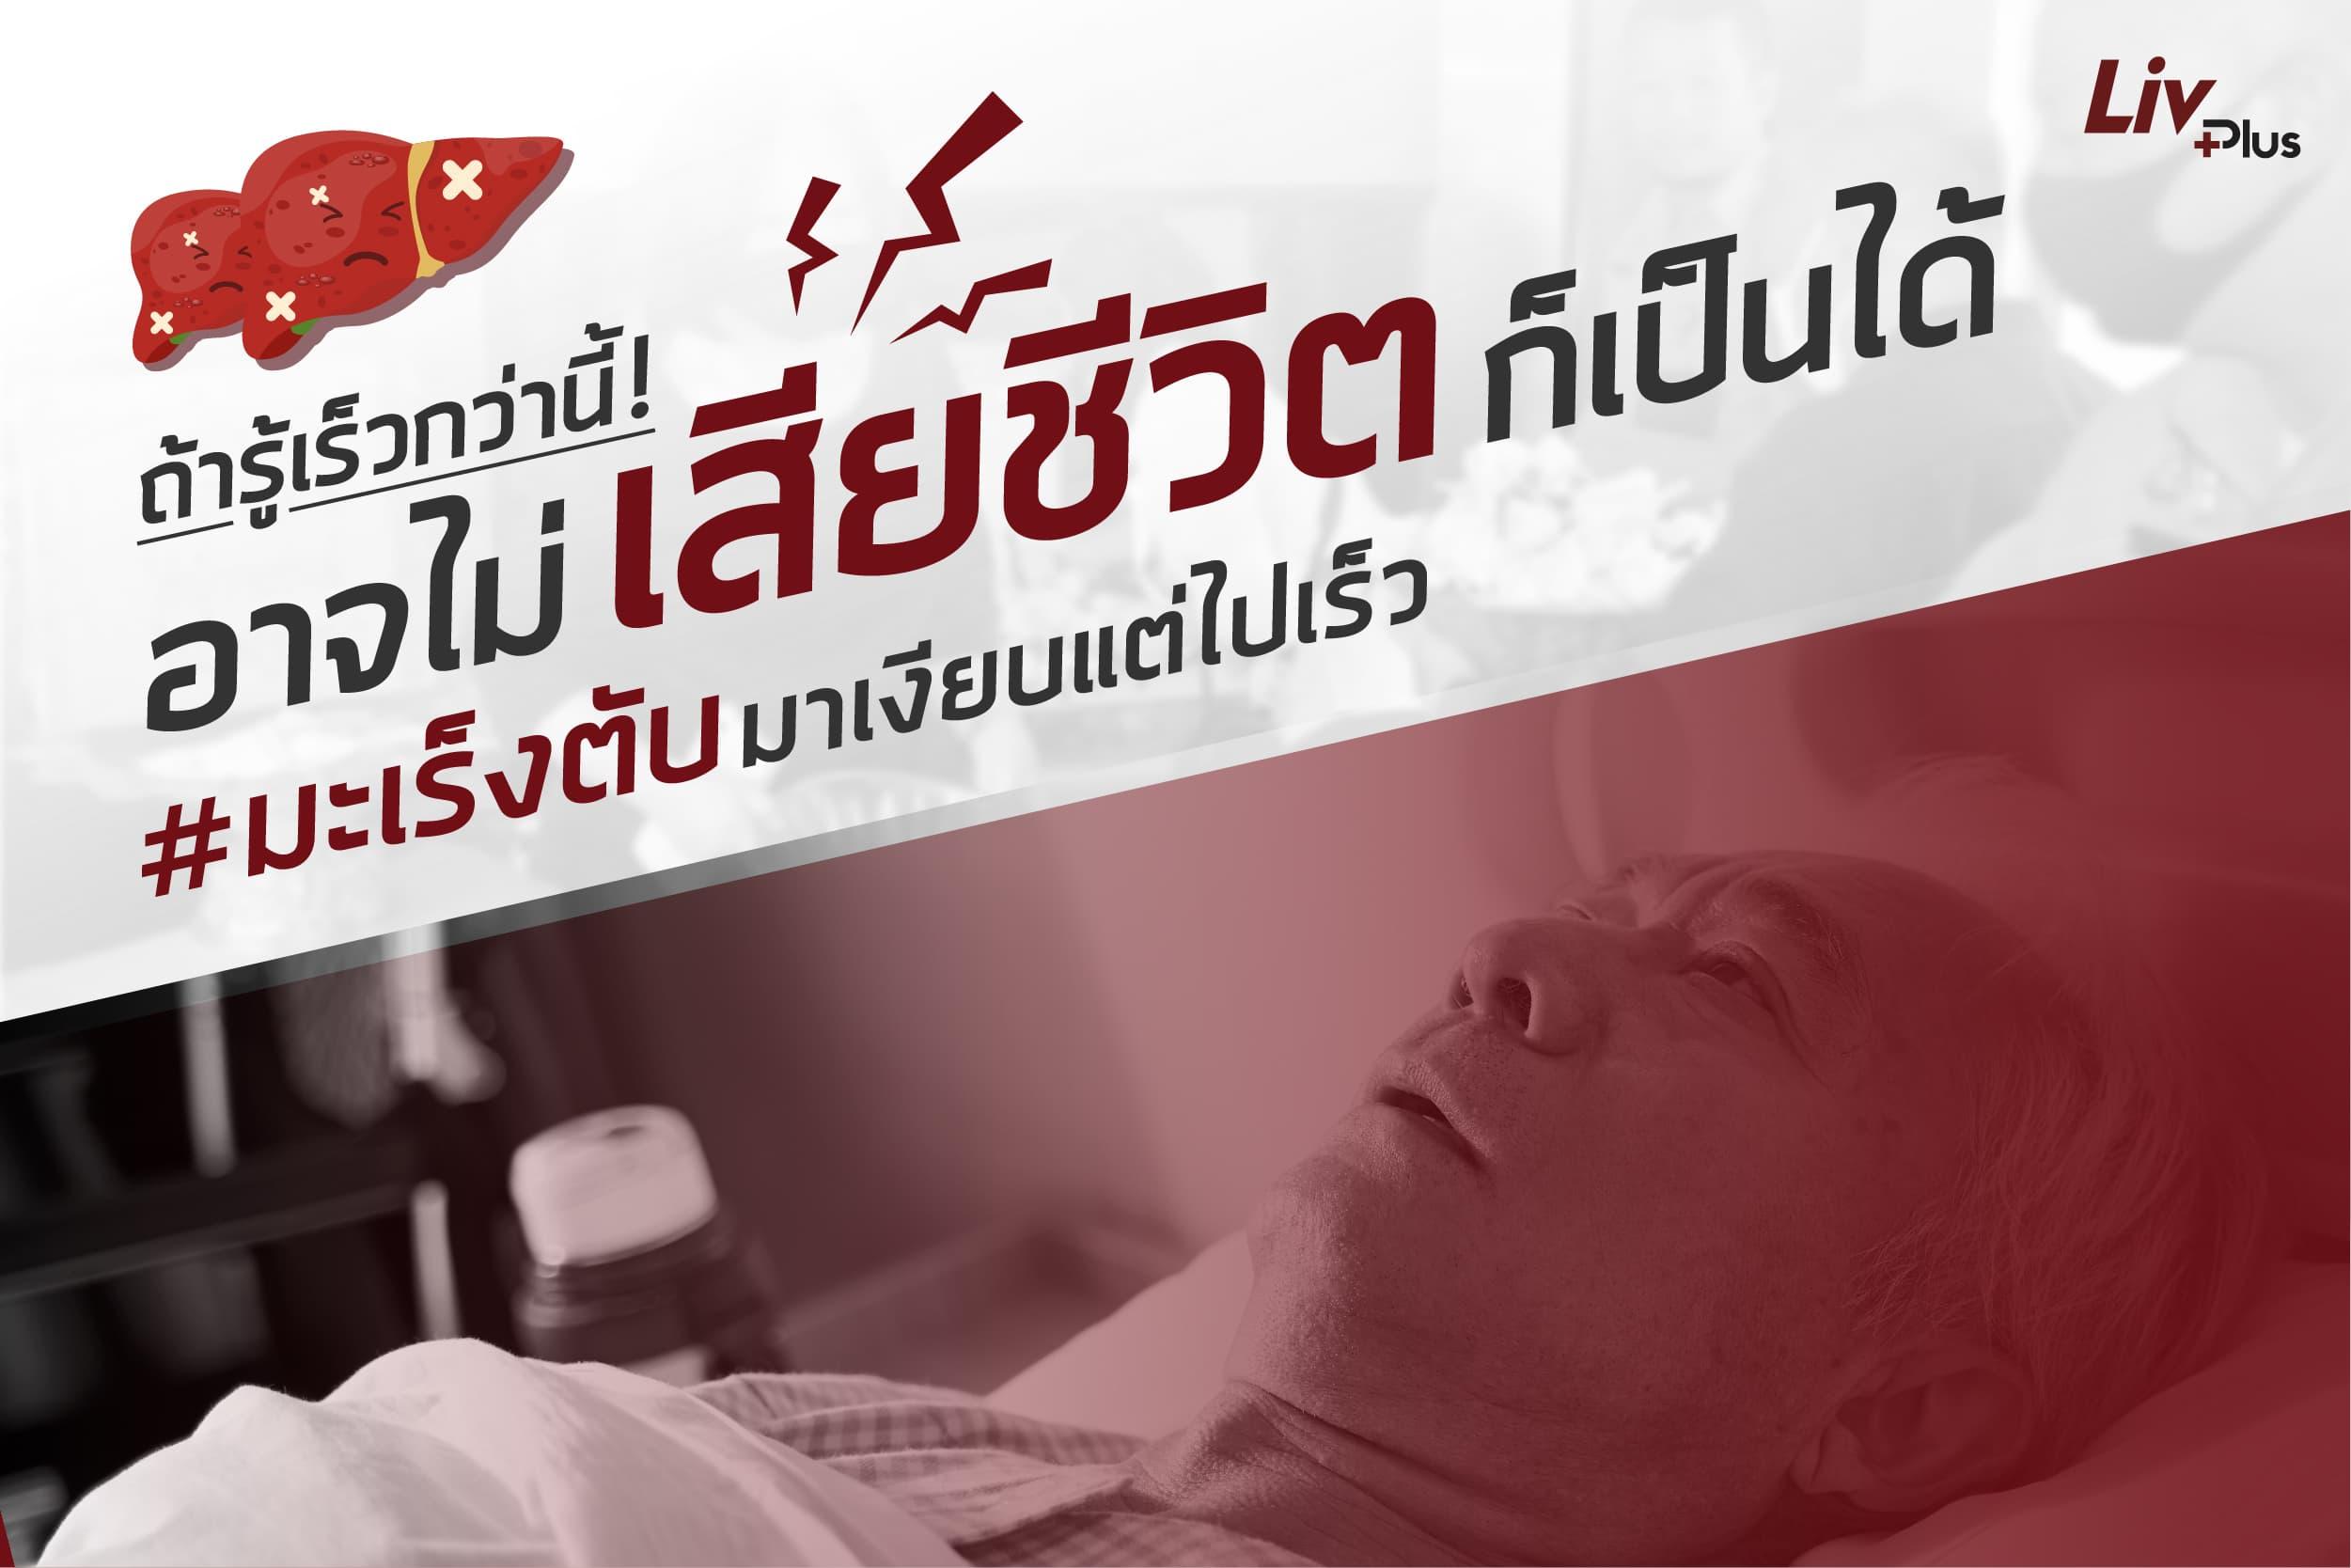 ถ้ารู้เร็วกว่านี้! อาจไม่เสียชีวิตก็เป็นได้ #มะเร็งตับมาเงียบแต่ไปเร็ว